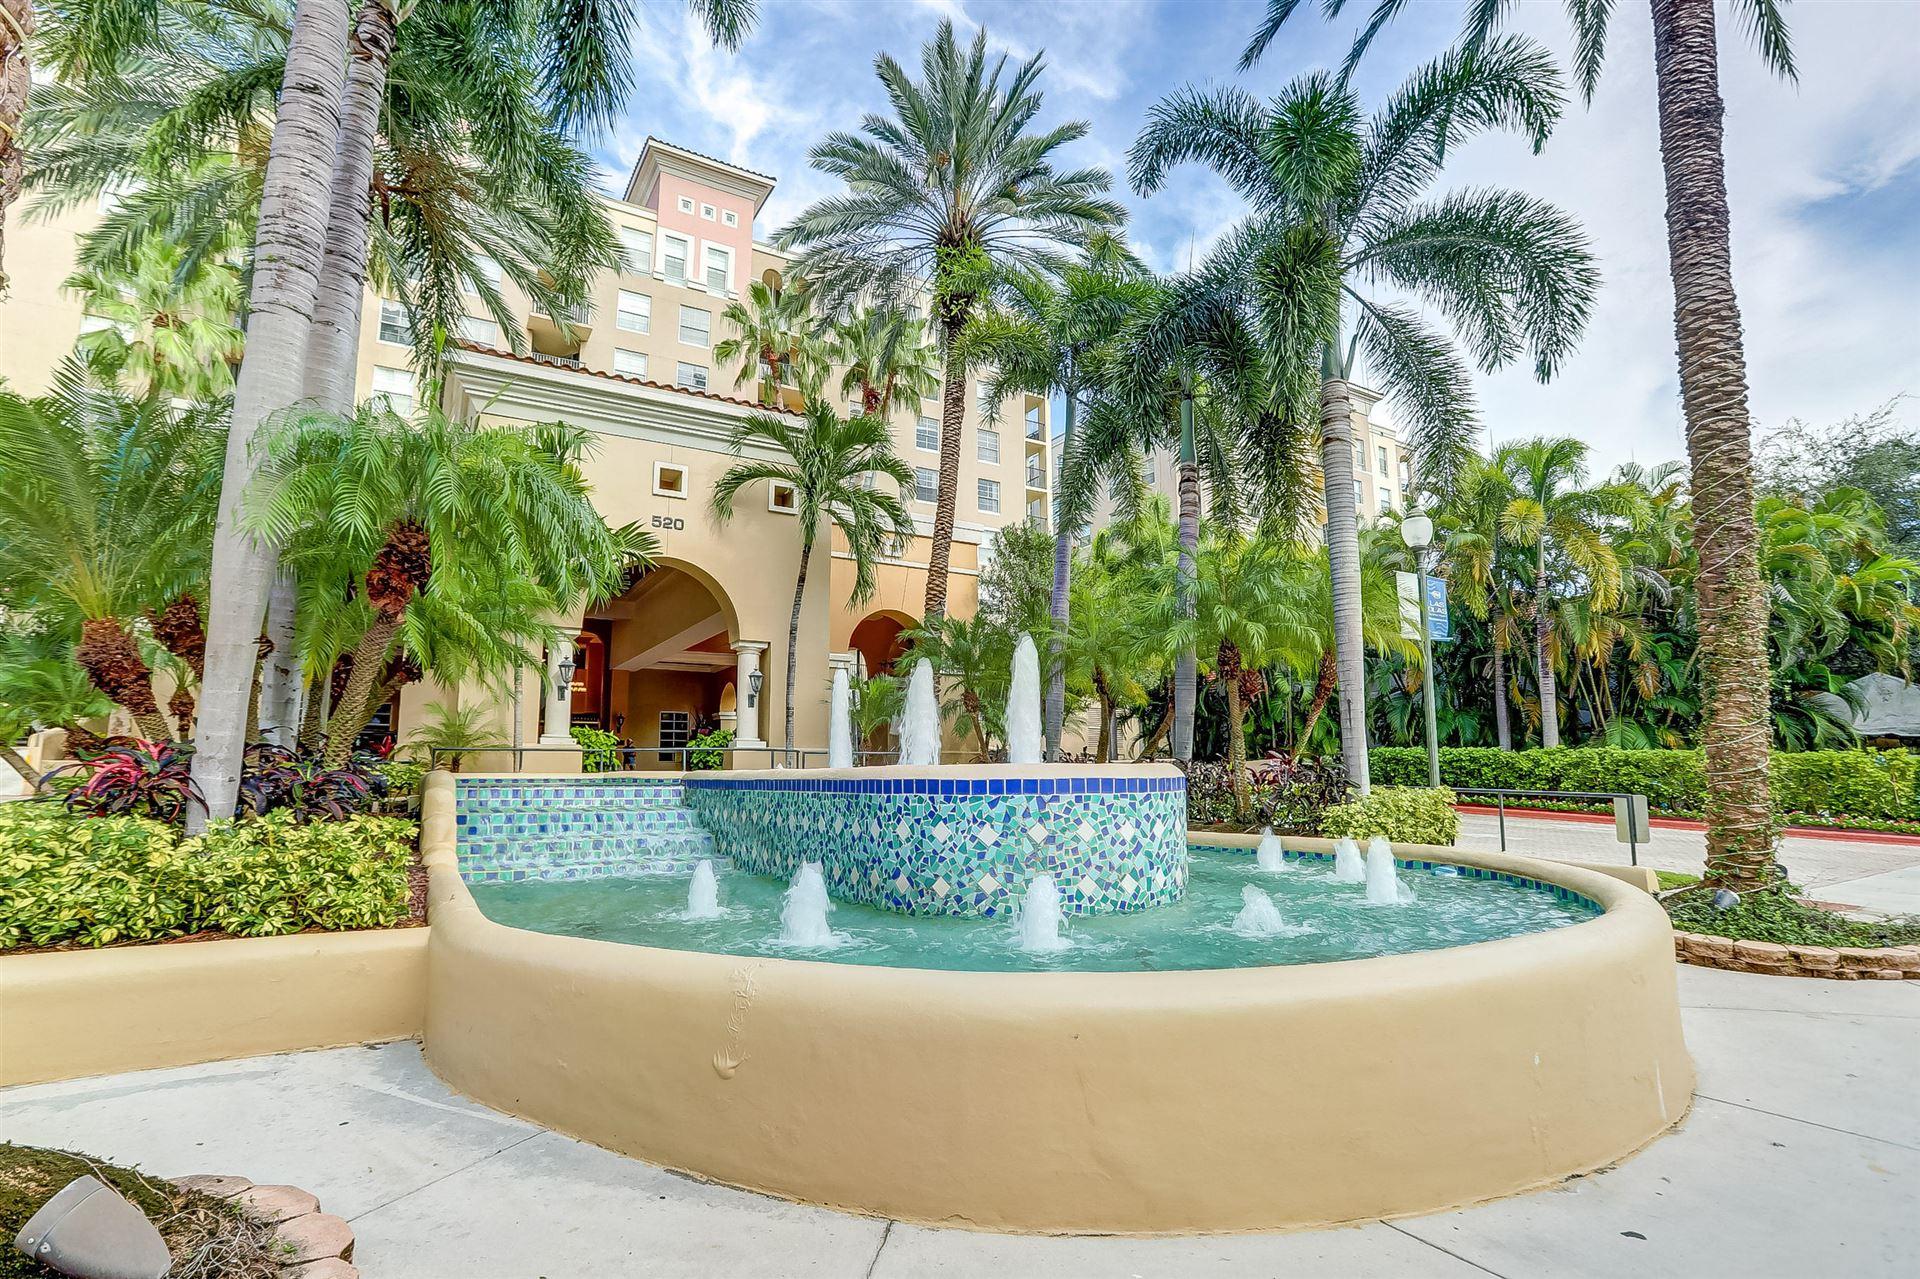 520 SE 5th Avenue #1610, Fort Lauderdale, FL 33301 - #: RX-10683450